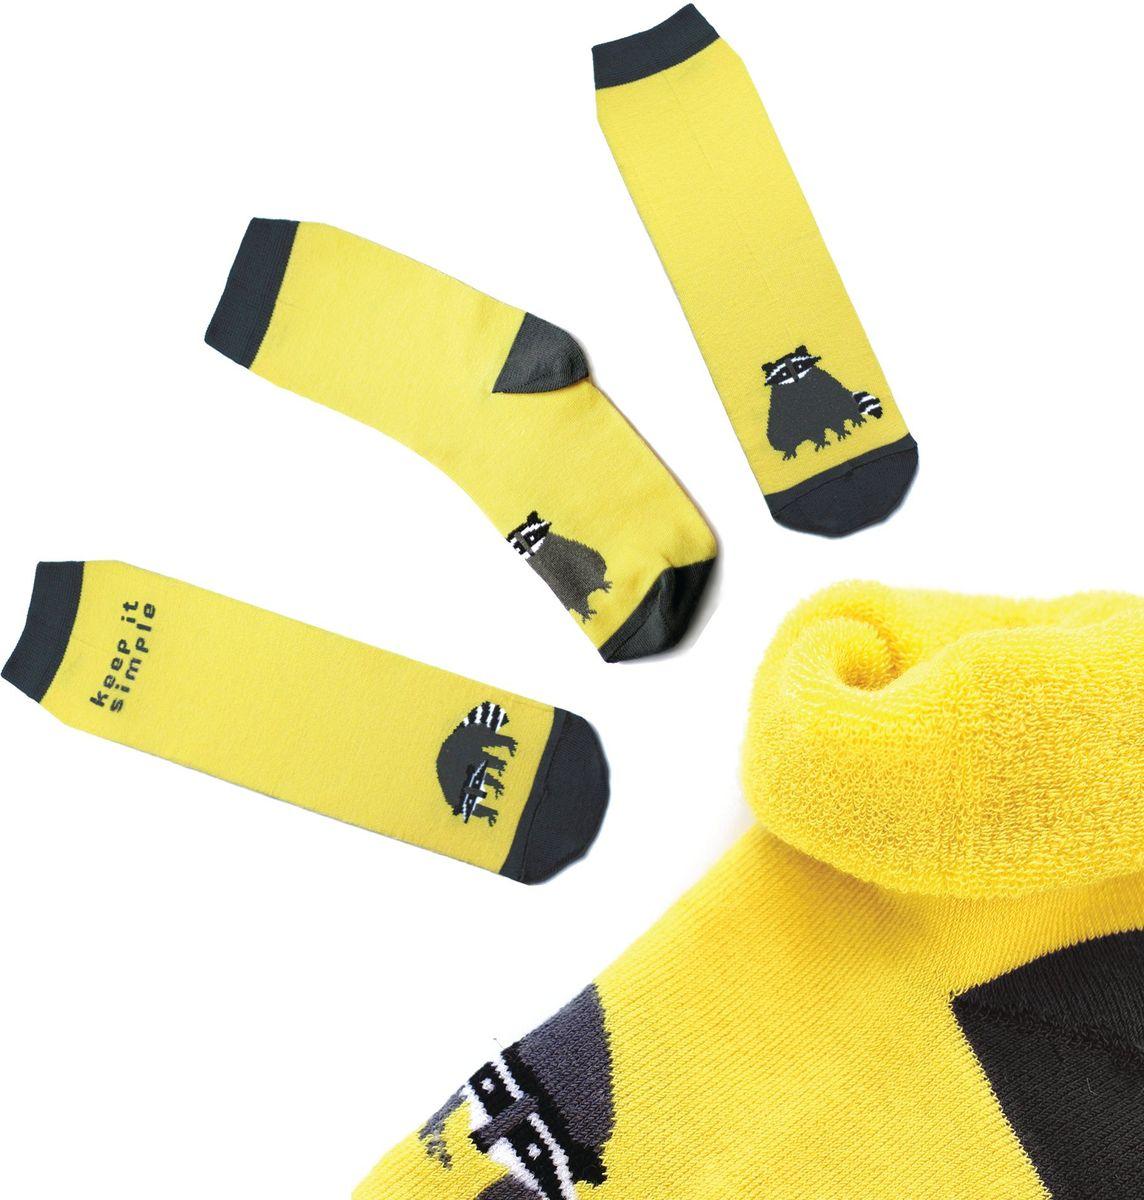 Носки детские Big Bang Socks, цвет: желтый. ca1213. Размер 30/34ca1213Яркие носки Big Bang Socks изготовлены из высококачественного хлопка с добавлением полиамидных и эластановых волокон, которые обеспечивают великолепную посадку. Носки отличаются ярким стильным дизайном. Они оформлены изображением енотов и надписью keep it simple (не усложняй).